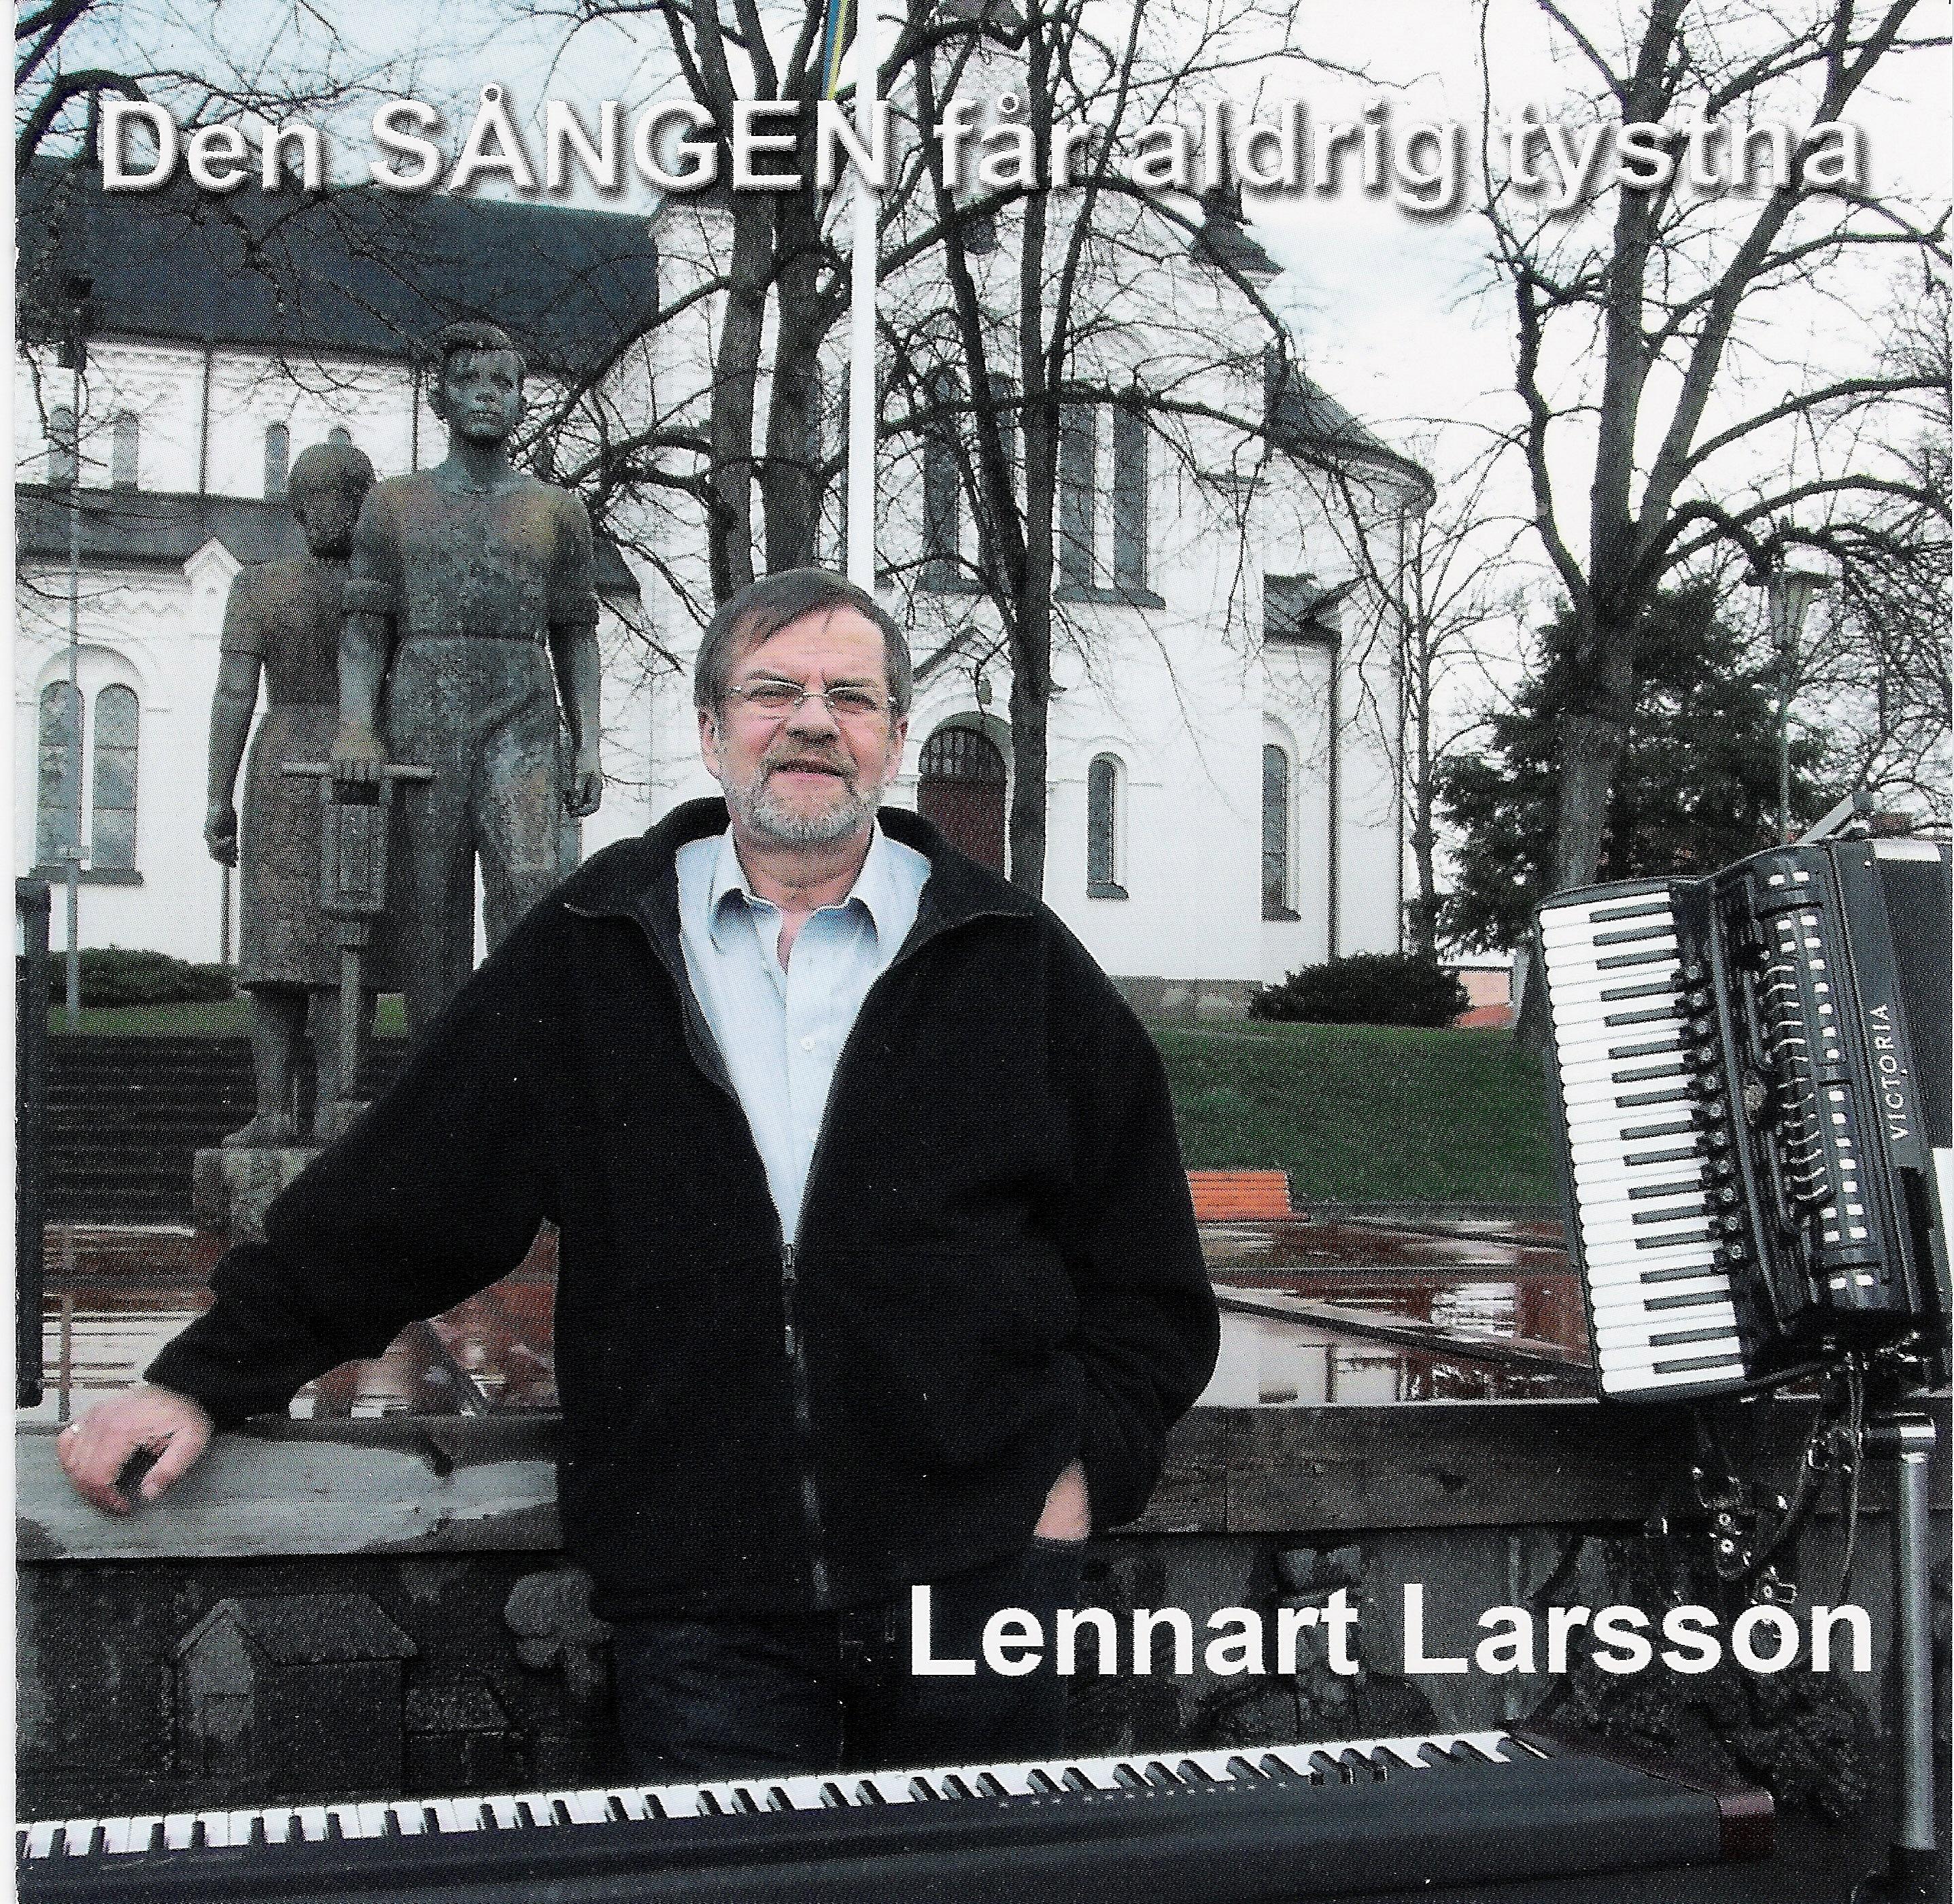 Lennart Larsson Den sången